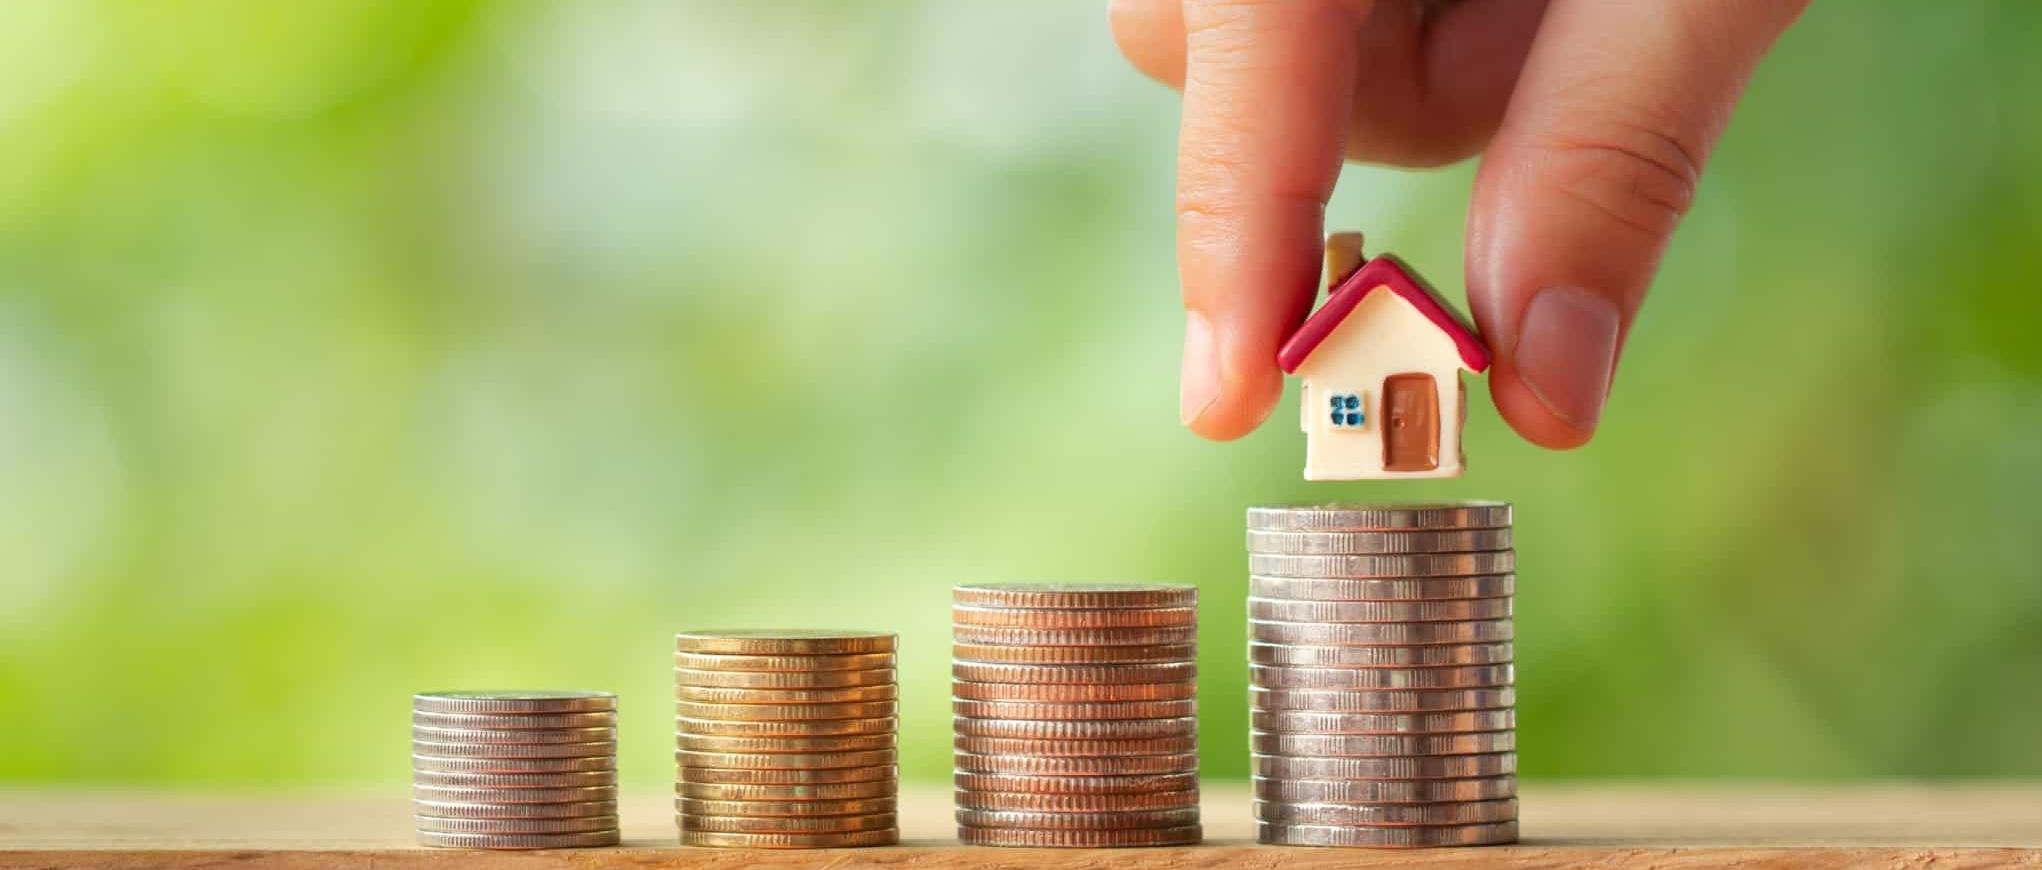 mão a colocar uma casa miniatura numa pilha de moedas